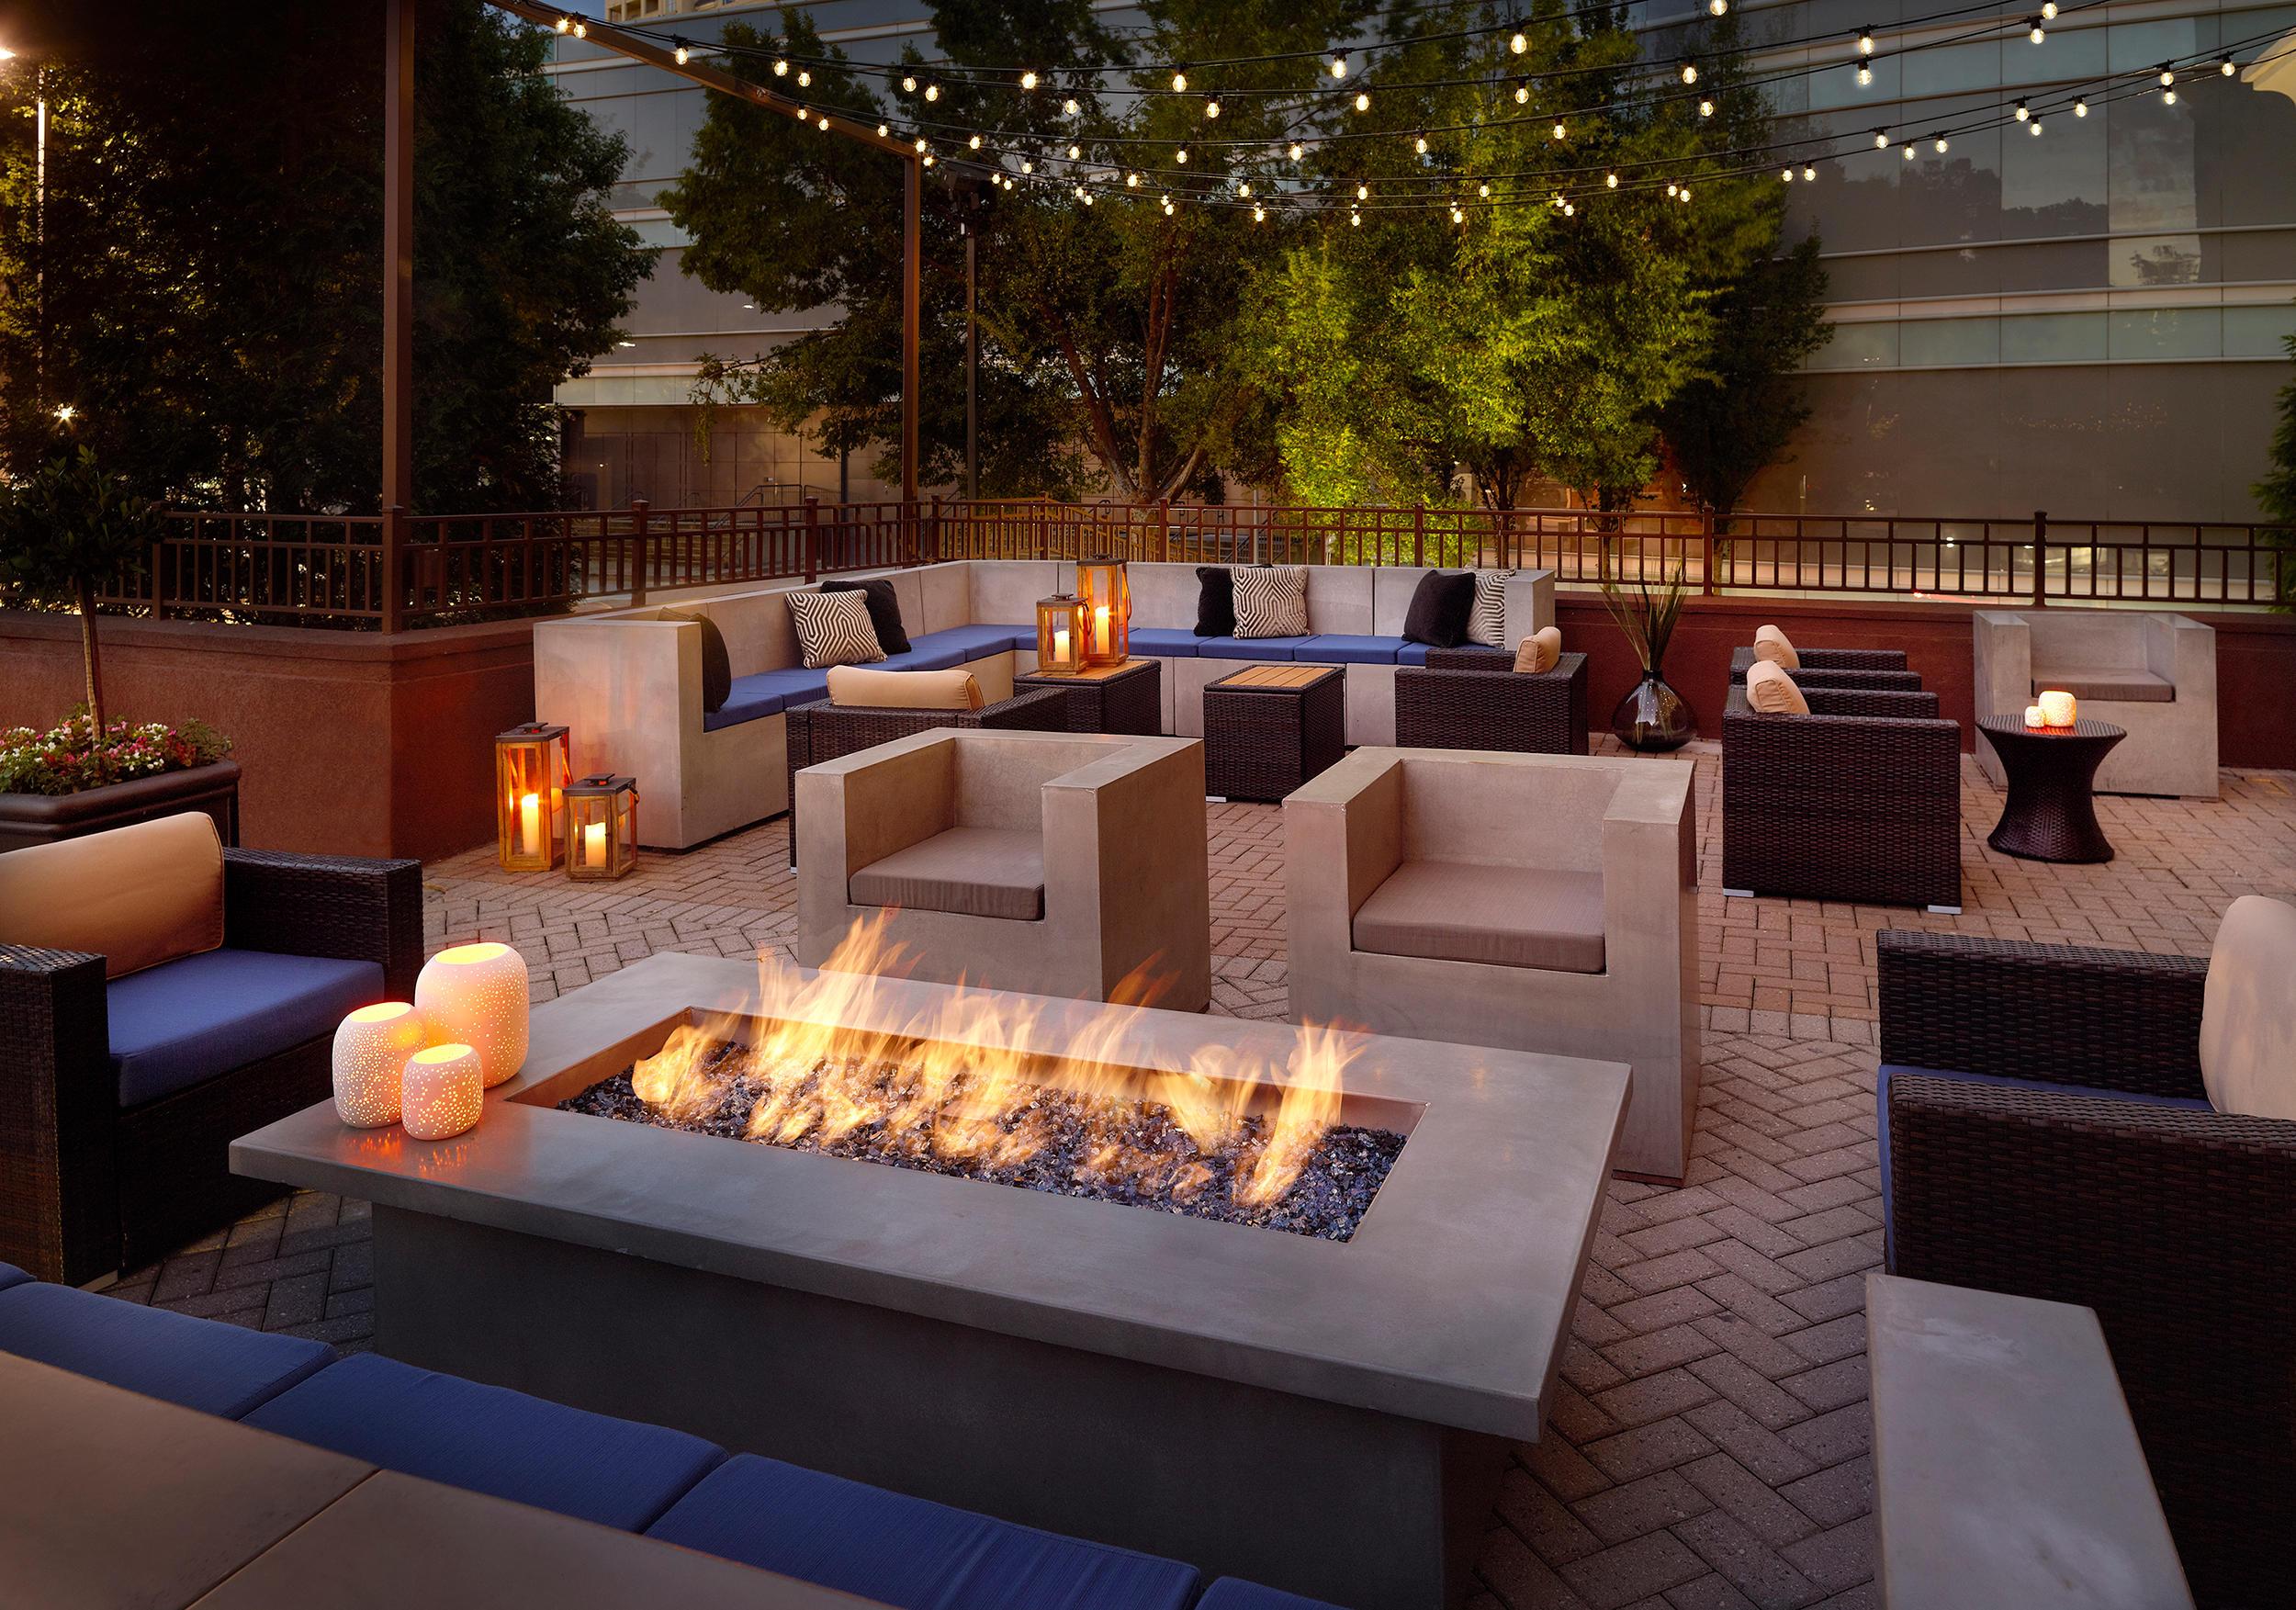 SpringHill Suites by Marriott Atlanta Buckhead image 3